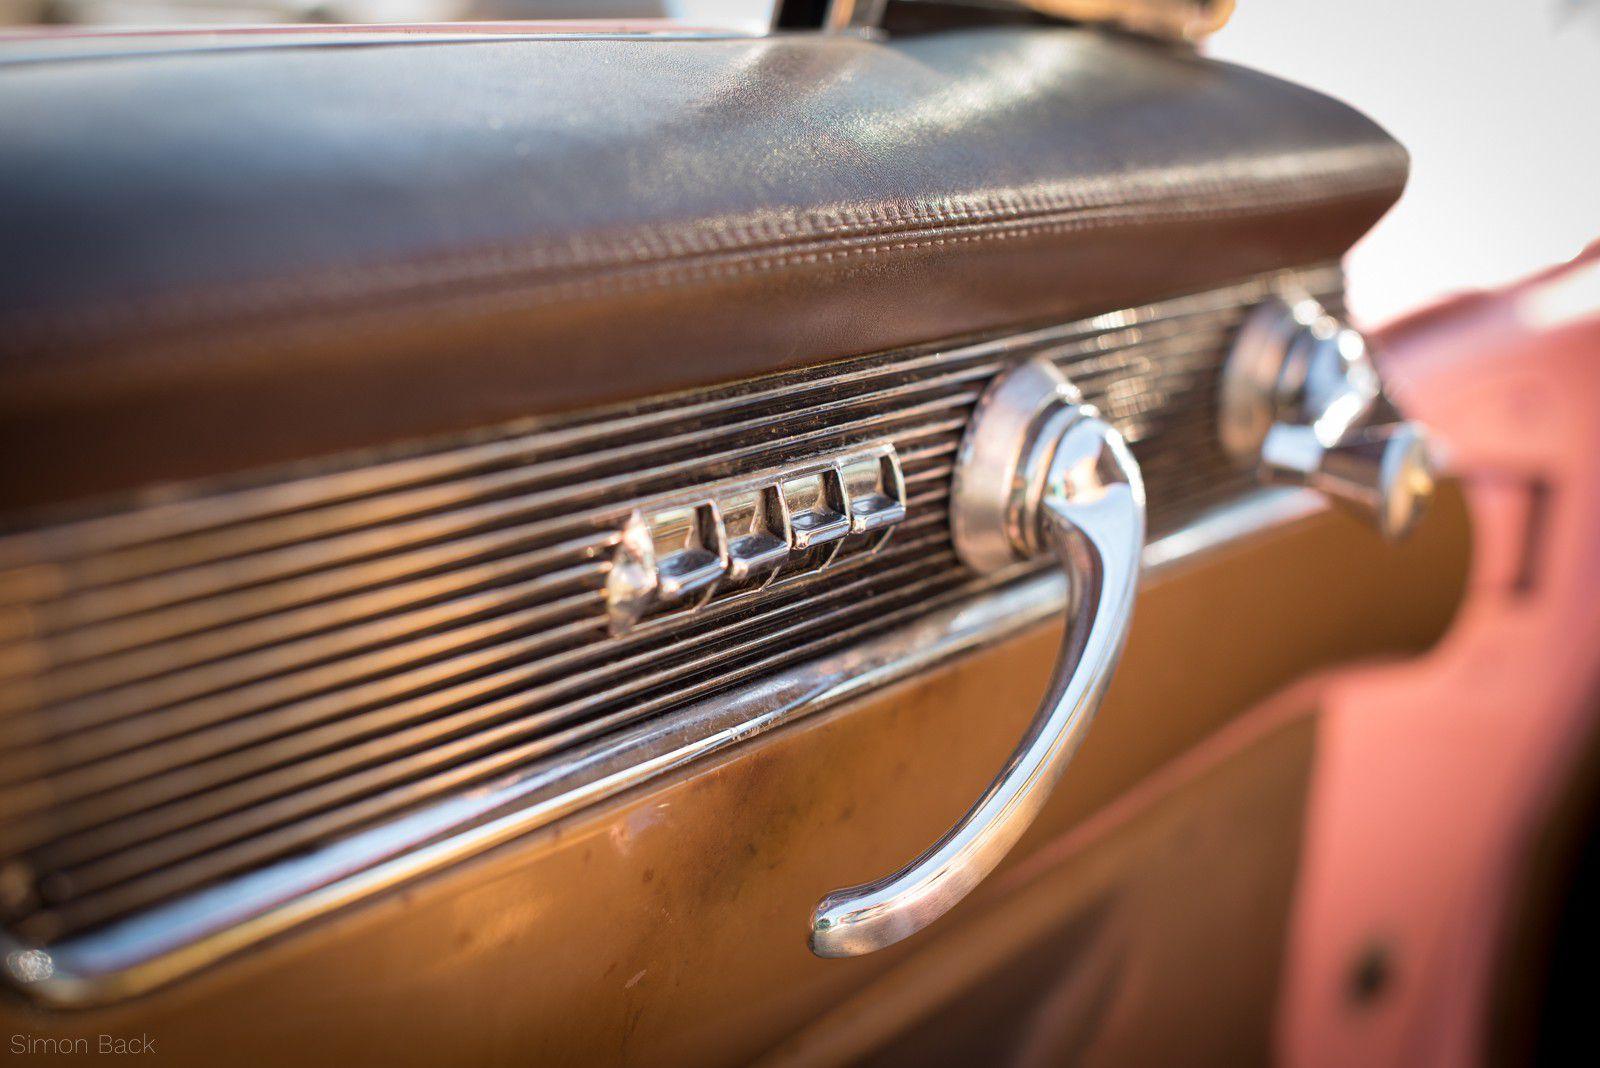 Cadillac Coupe DeVille - Der elektrische Fensterheber